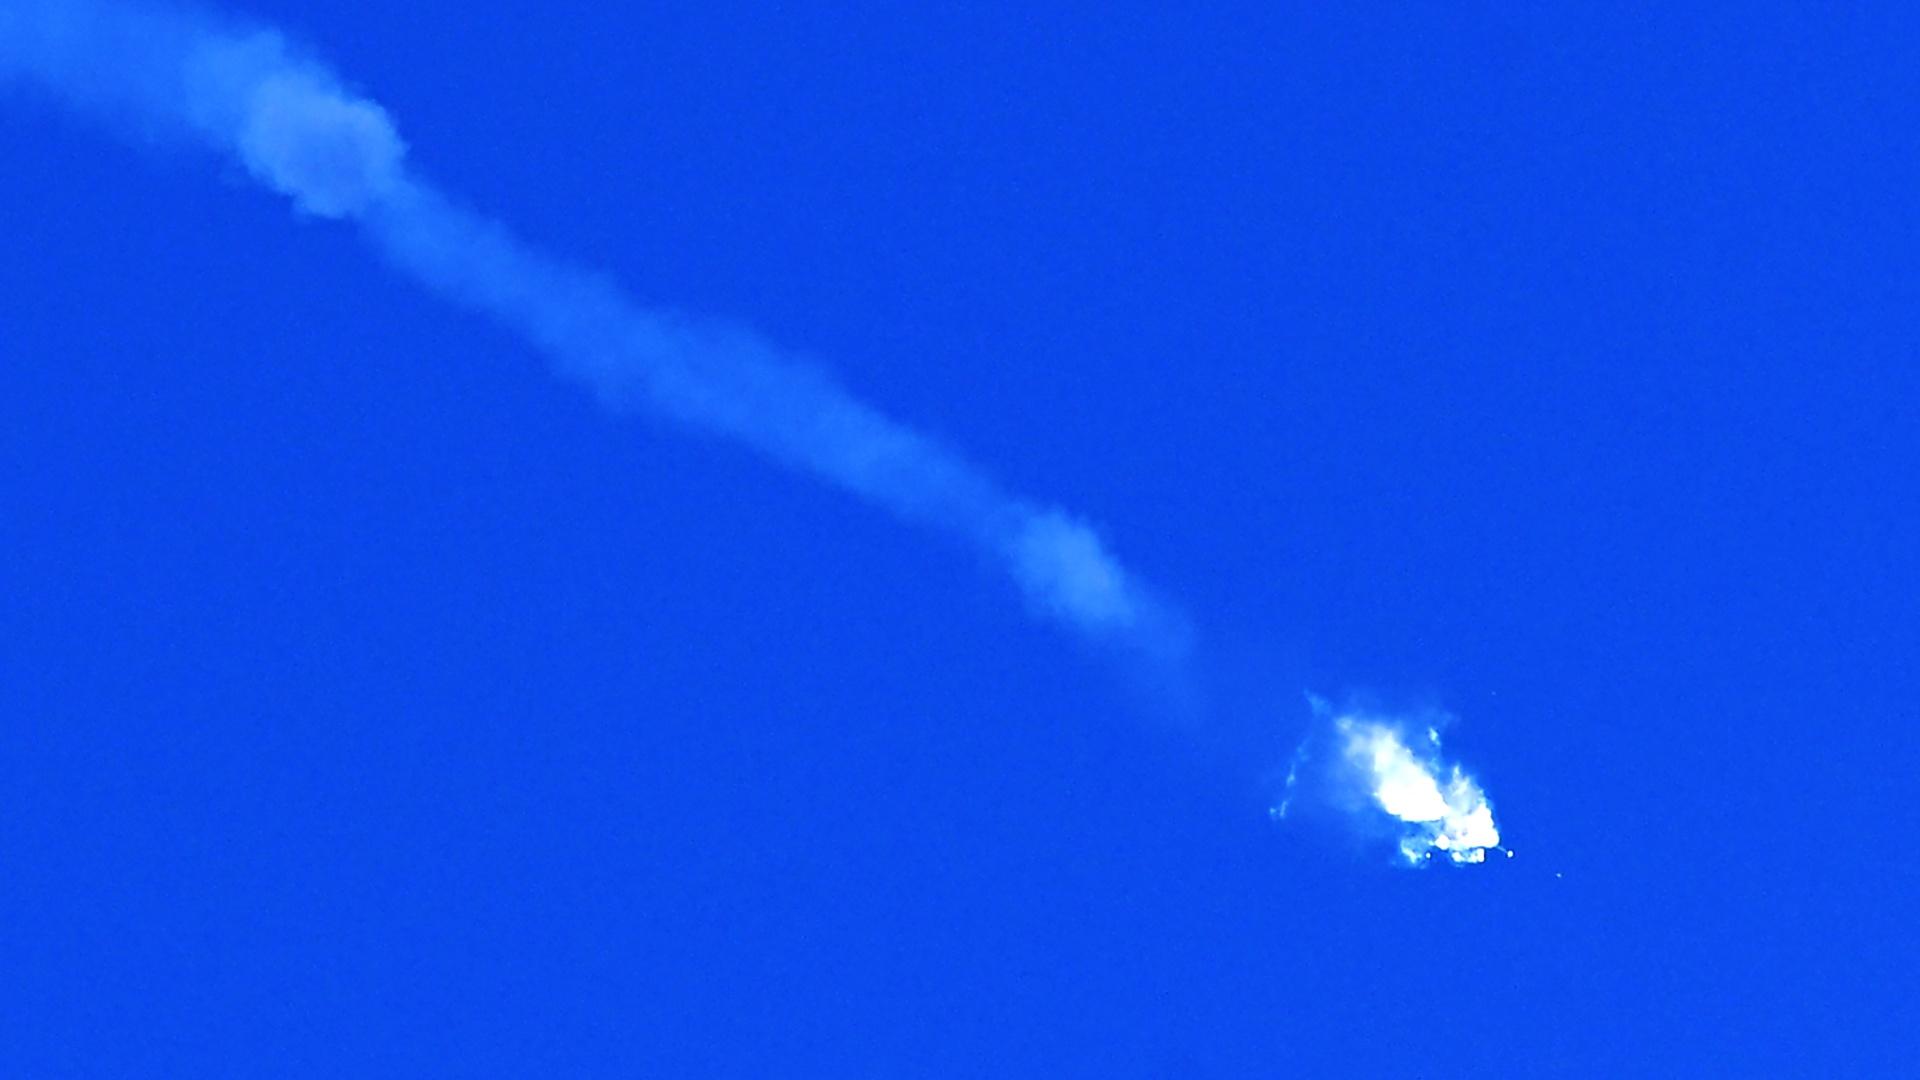 Роскосмос обнародовал причины аварии ракеты «Союз-ФГ»